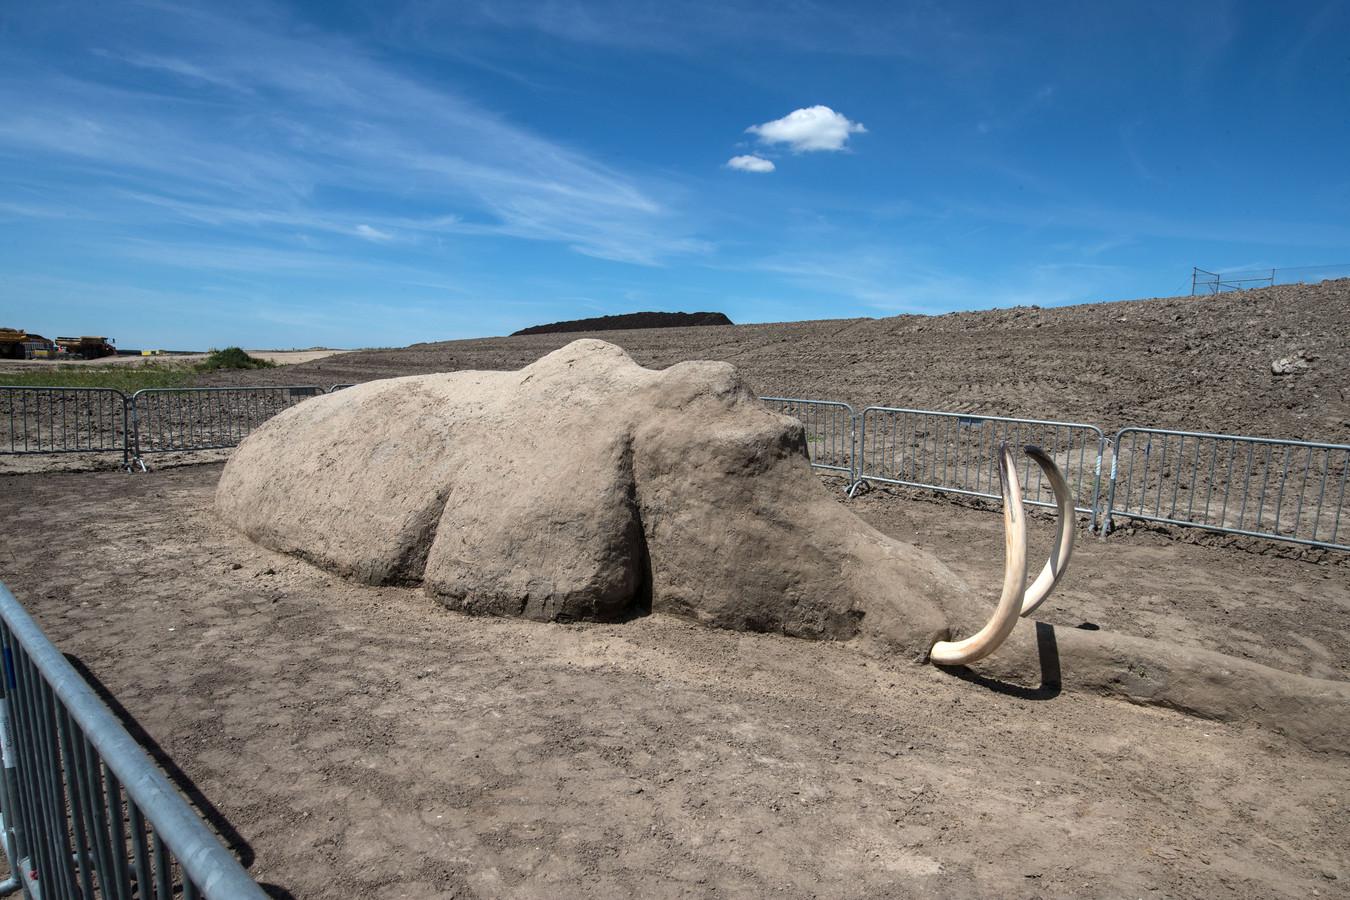 In de Reevediep (bypass) bij Kampen werd een van klei geboetseerde mammoet onthuld. Een viertal kunstenaars maakten bij het uitzichtpunt van 'Ruimte voor de Rivier'(brug Nieuwendijk) een levensgrote mammoet.